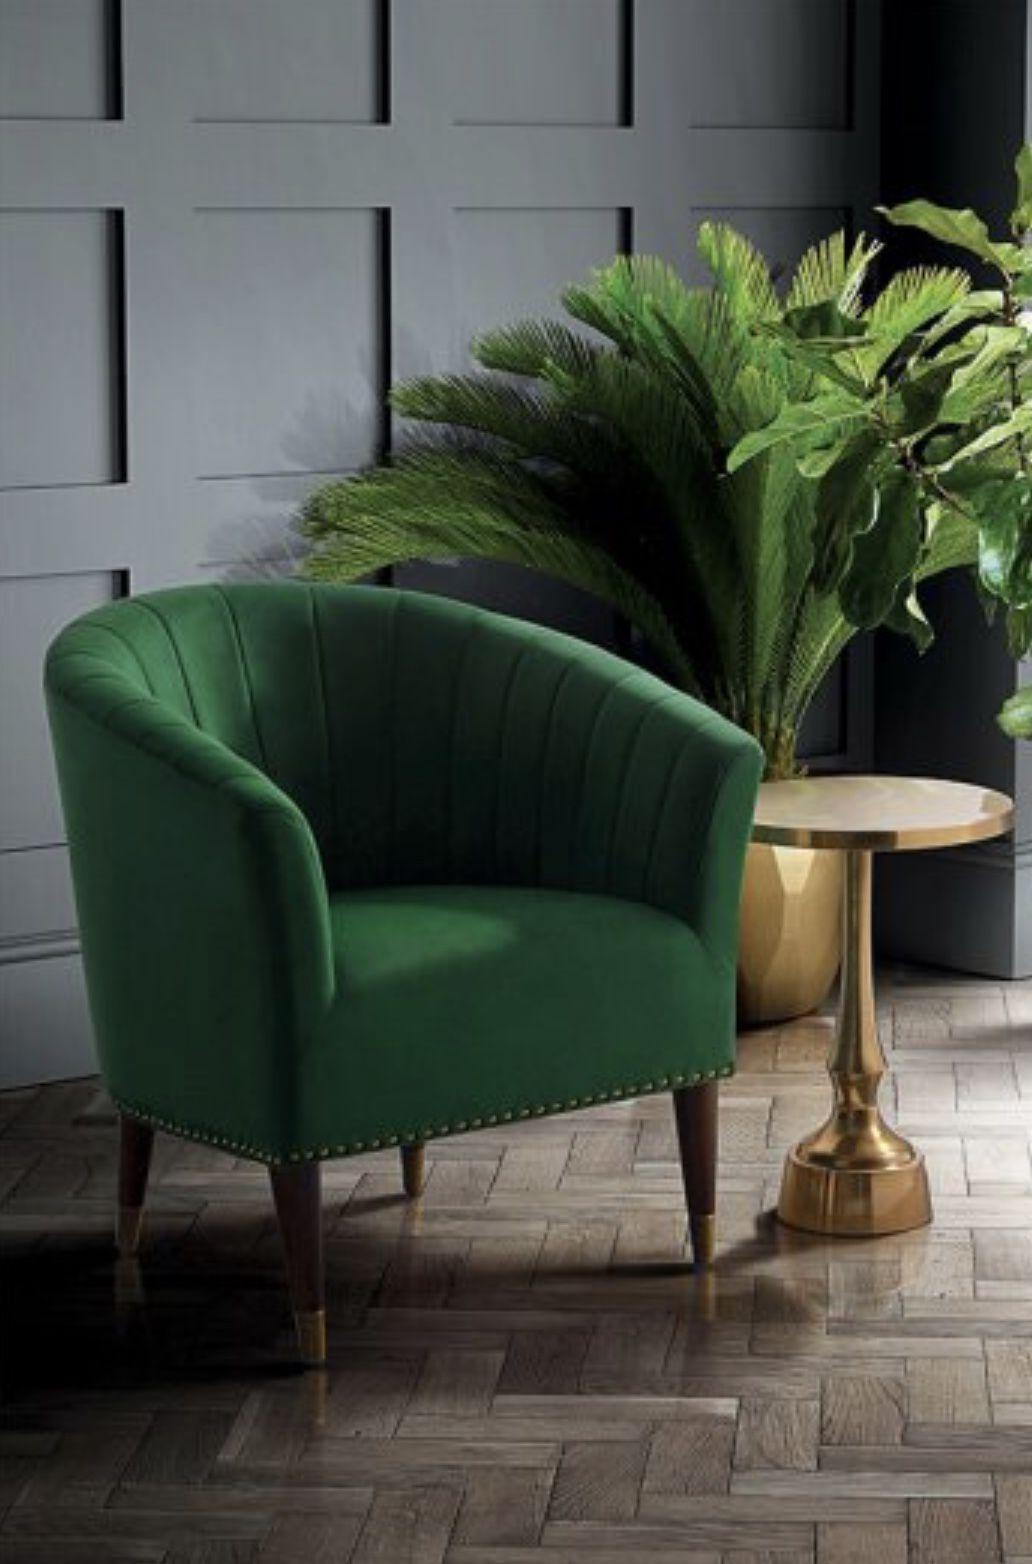 Bellini Armchair Bottle Green Velvet Green Home Decor Green Sofa Living Room Decor Gray